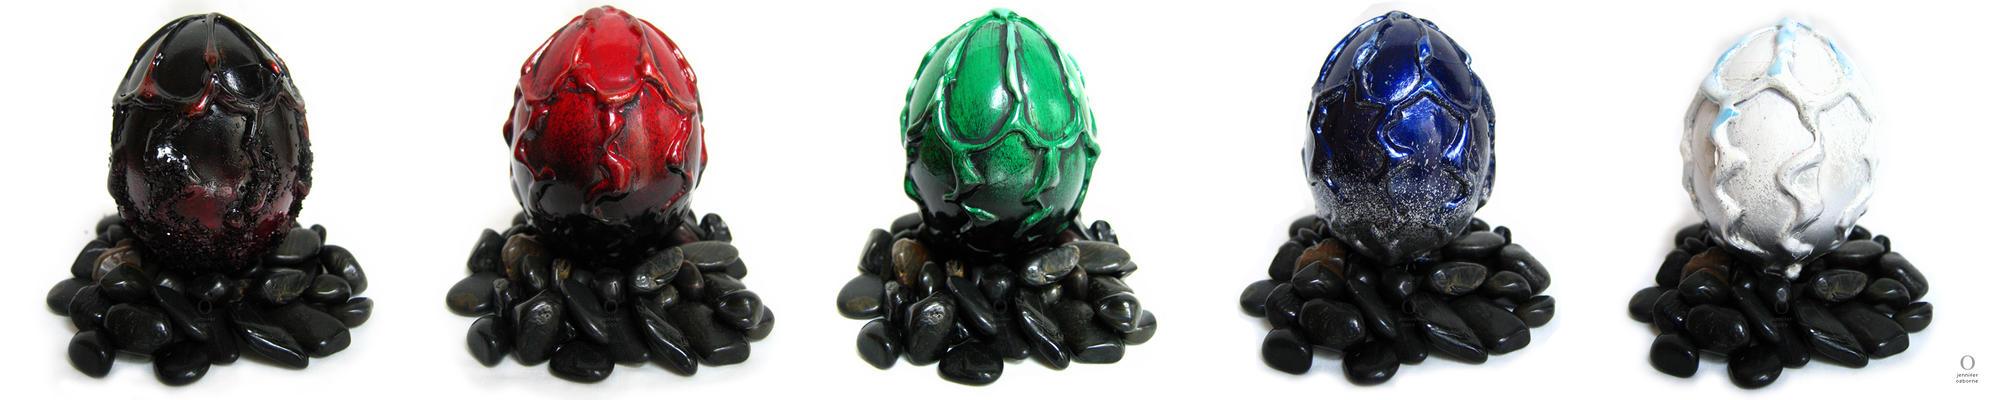 dragon eggs by digifox